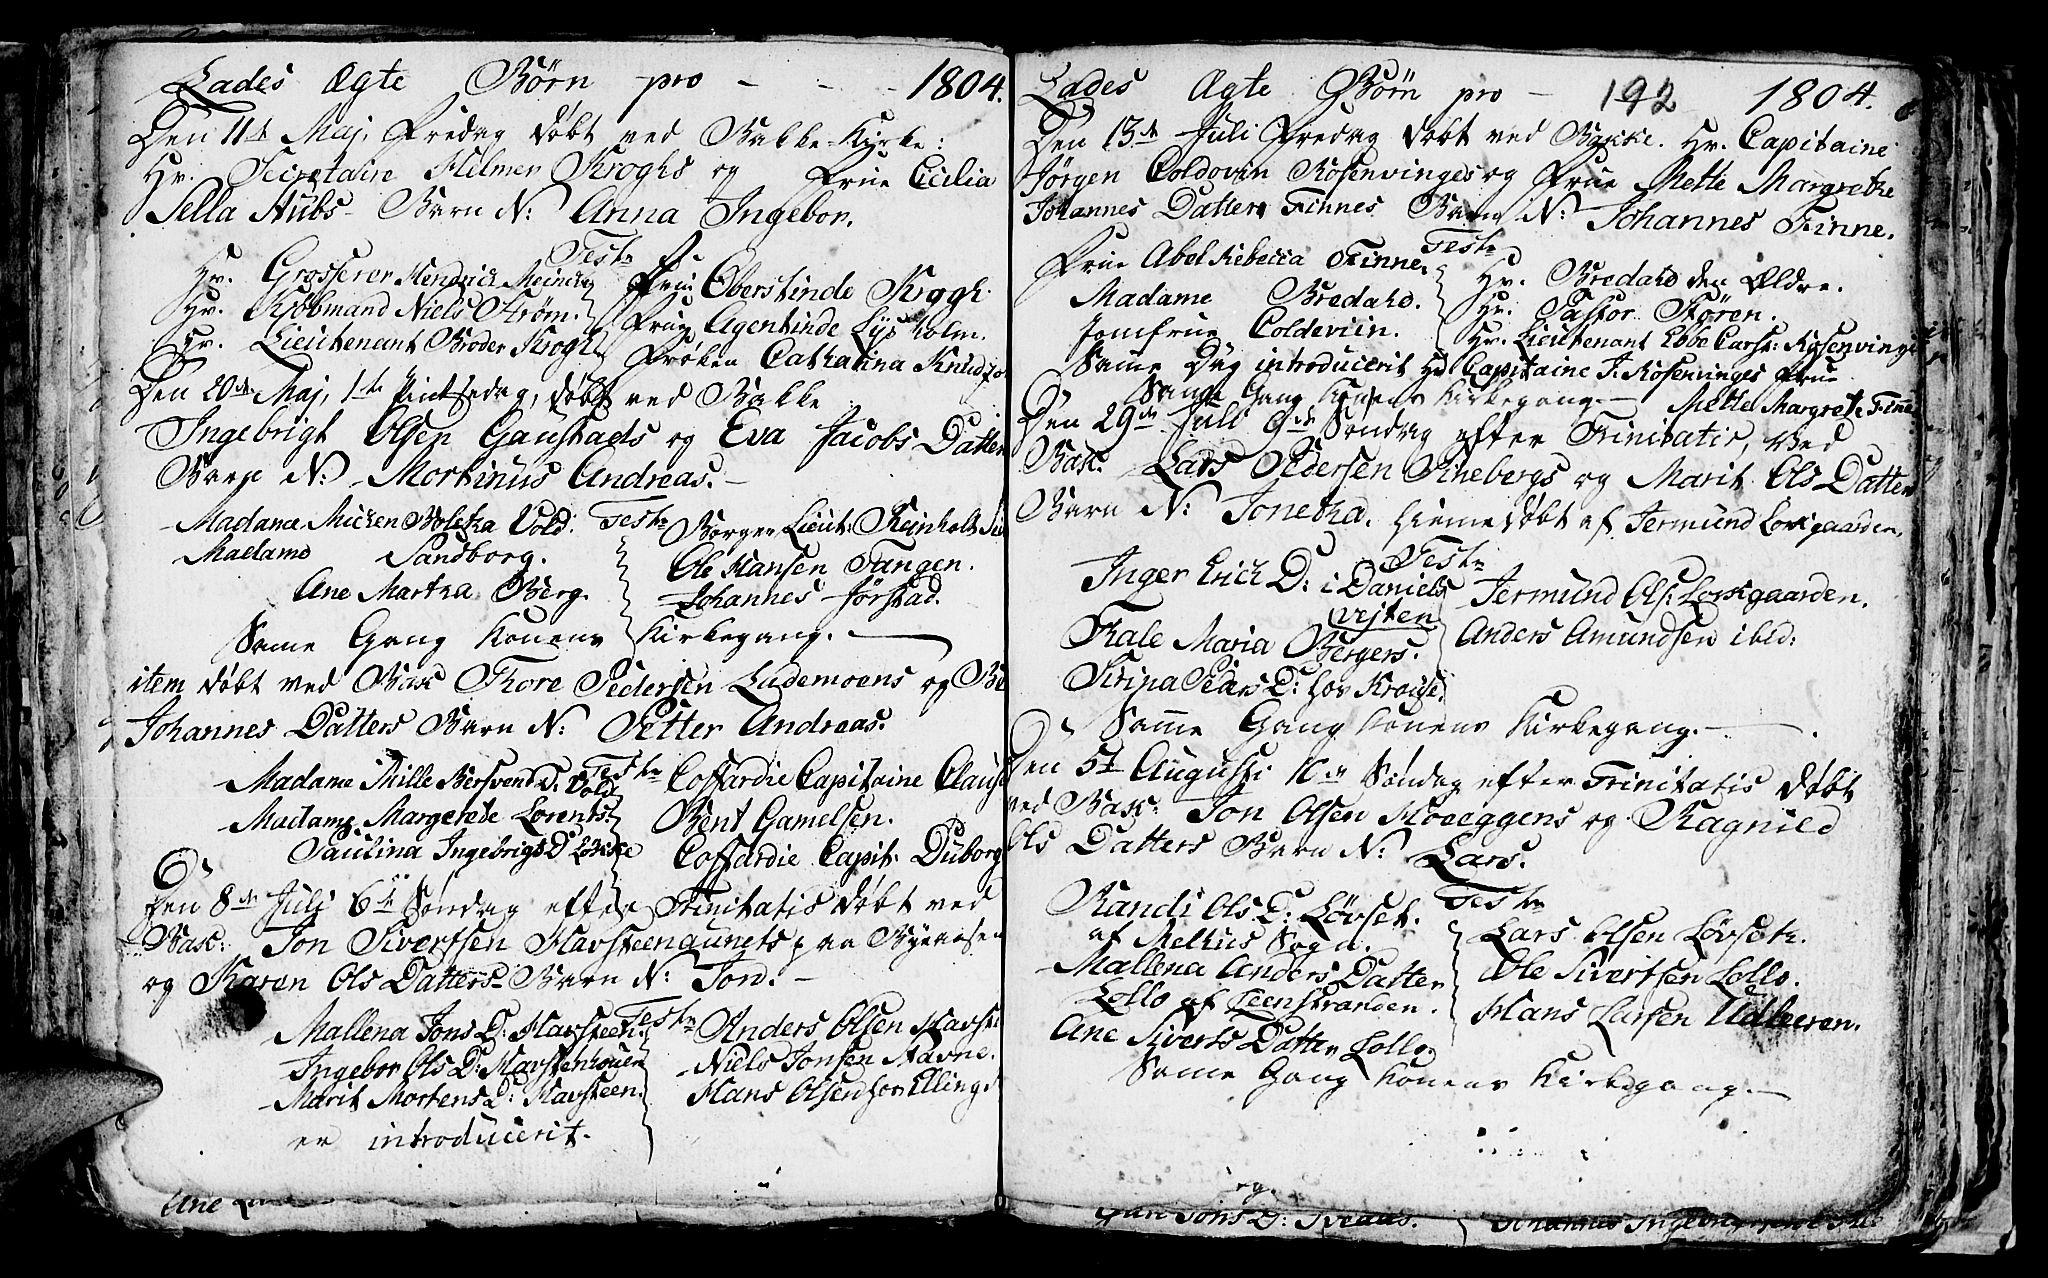 SAT, Ministerialprotokoller, klokkerbøker og fødselsregistre - Sør-Trøndelag, 606/L0305: Klokkerbok nr. 606C01, 1757-1819, s. 192